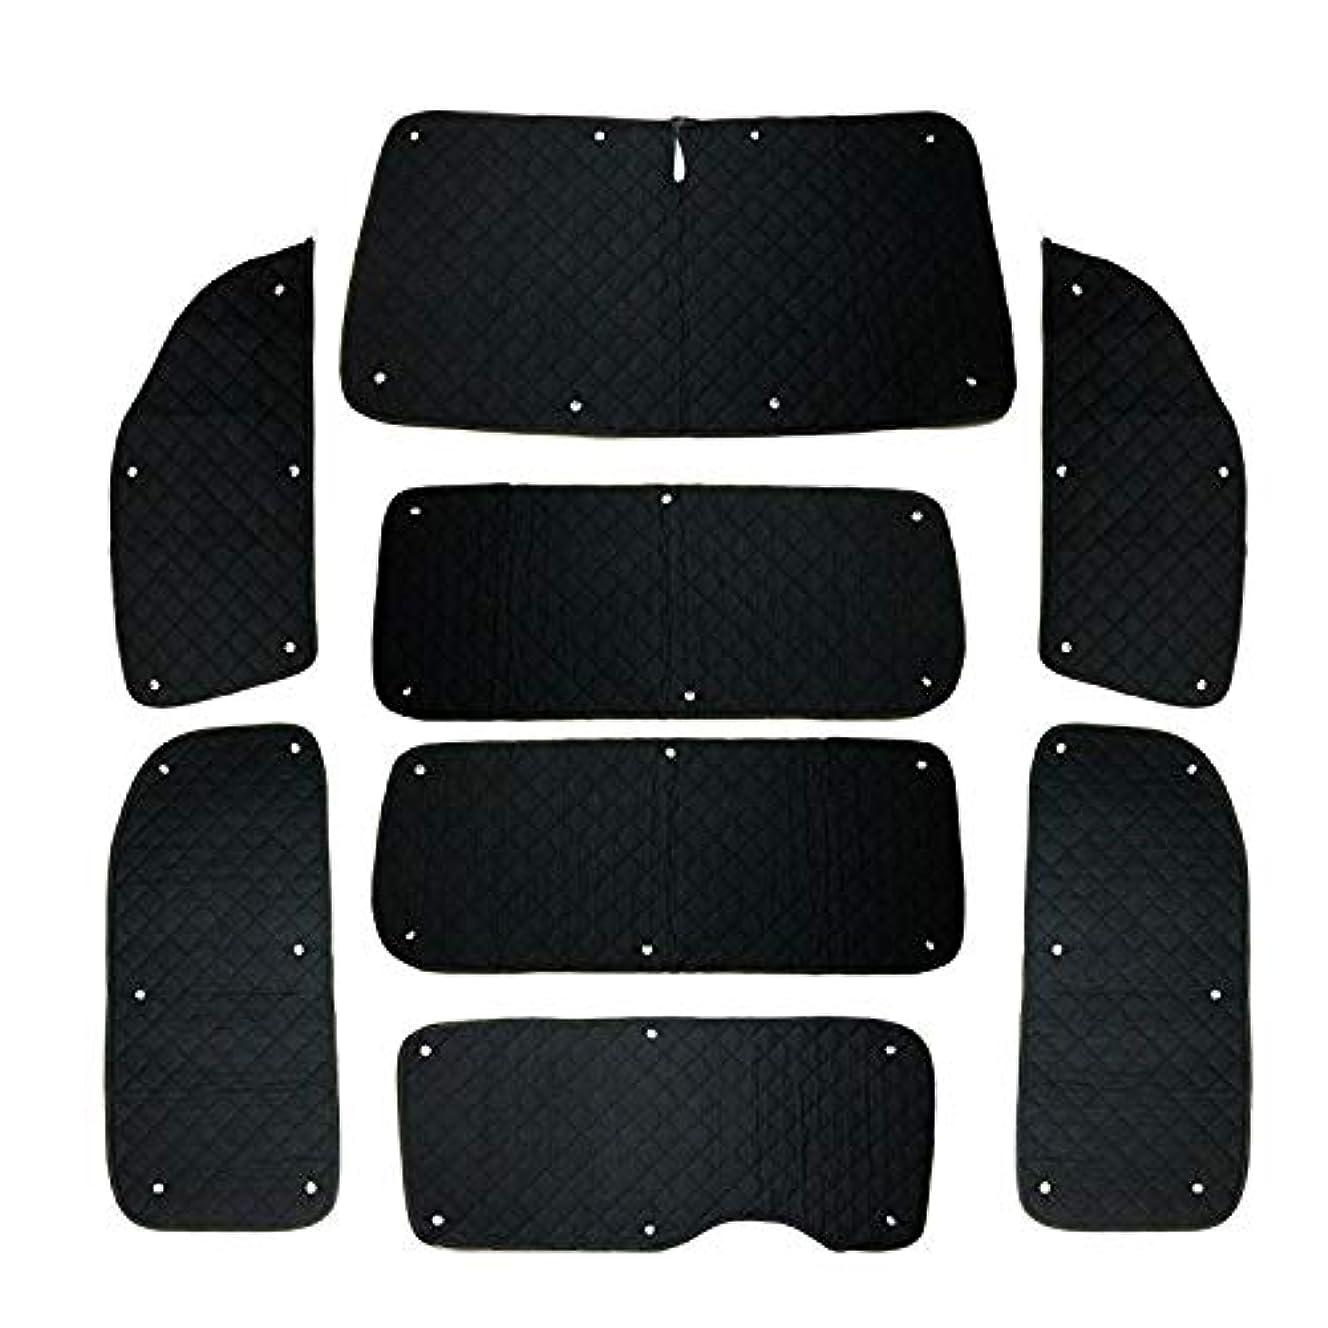 干ばつちょうつがい収束(トクトヨ)Tokutoyo NISSAN キャラバン NV350用 (E26系) サンシェード 1台分 車中泊 アウトドア キャンプ メッシュカーテン 5層構造 吸盤貼付 遮光 8P